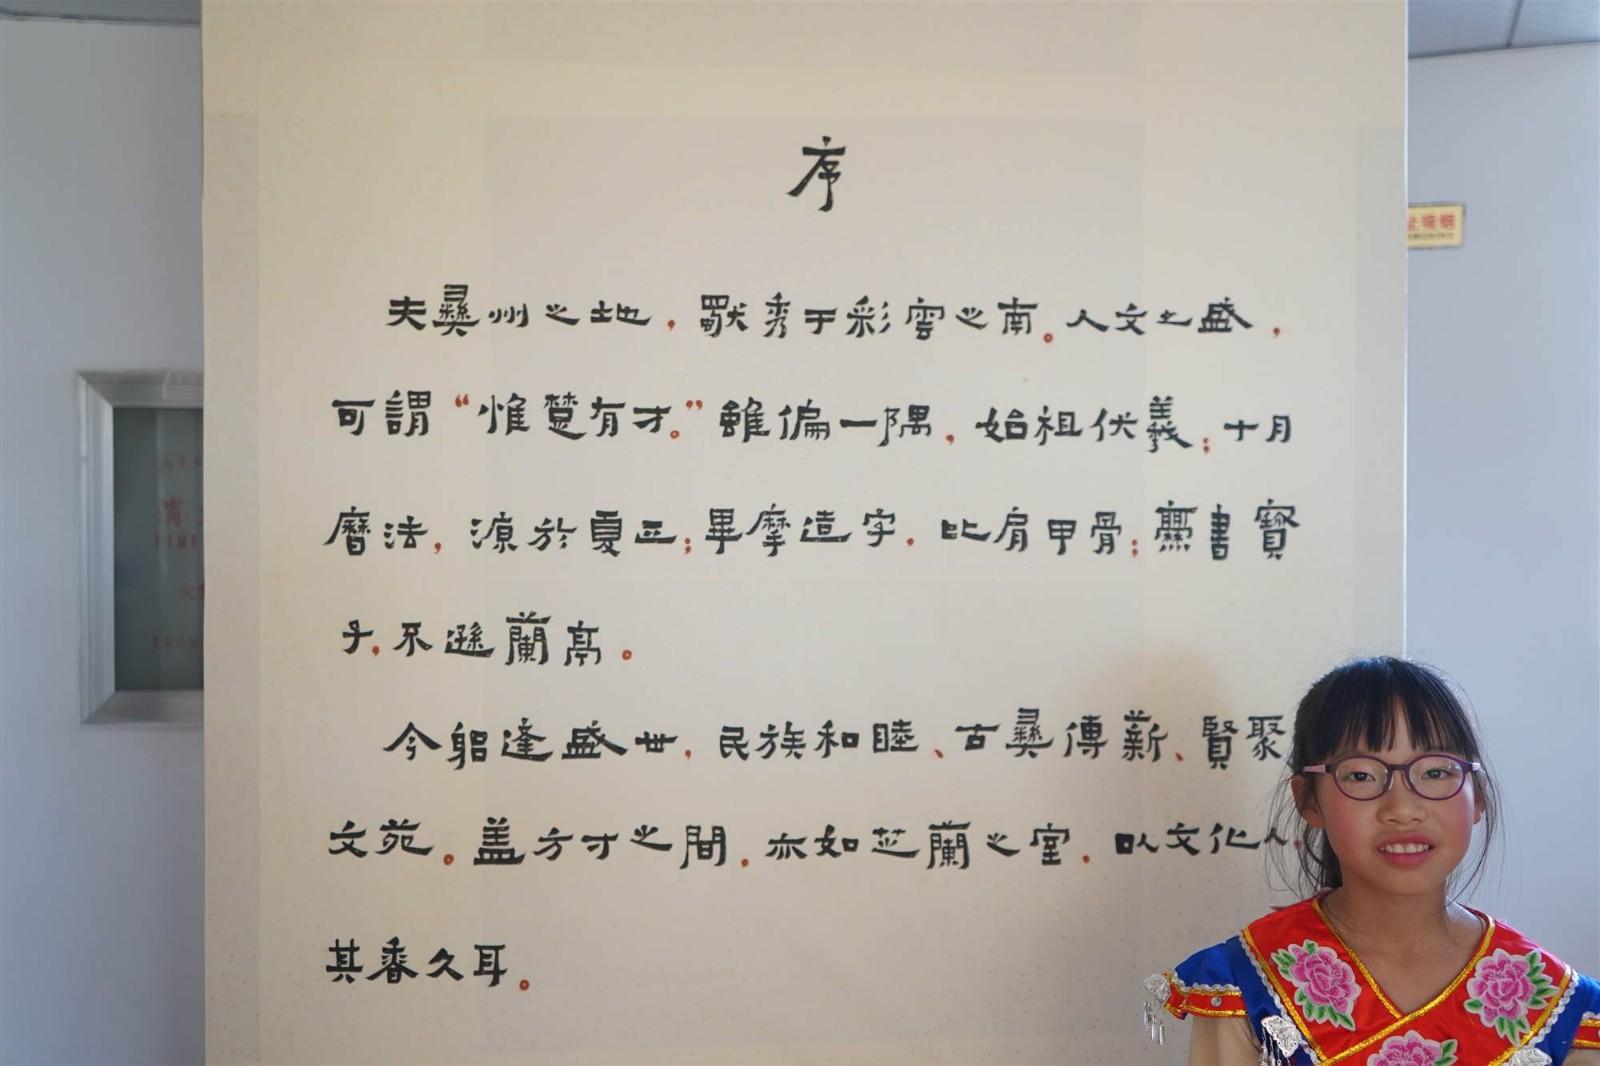 中国彝乡●文印抒魂 2019迎新春书画展正式开展